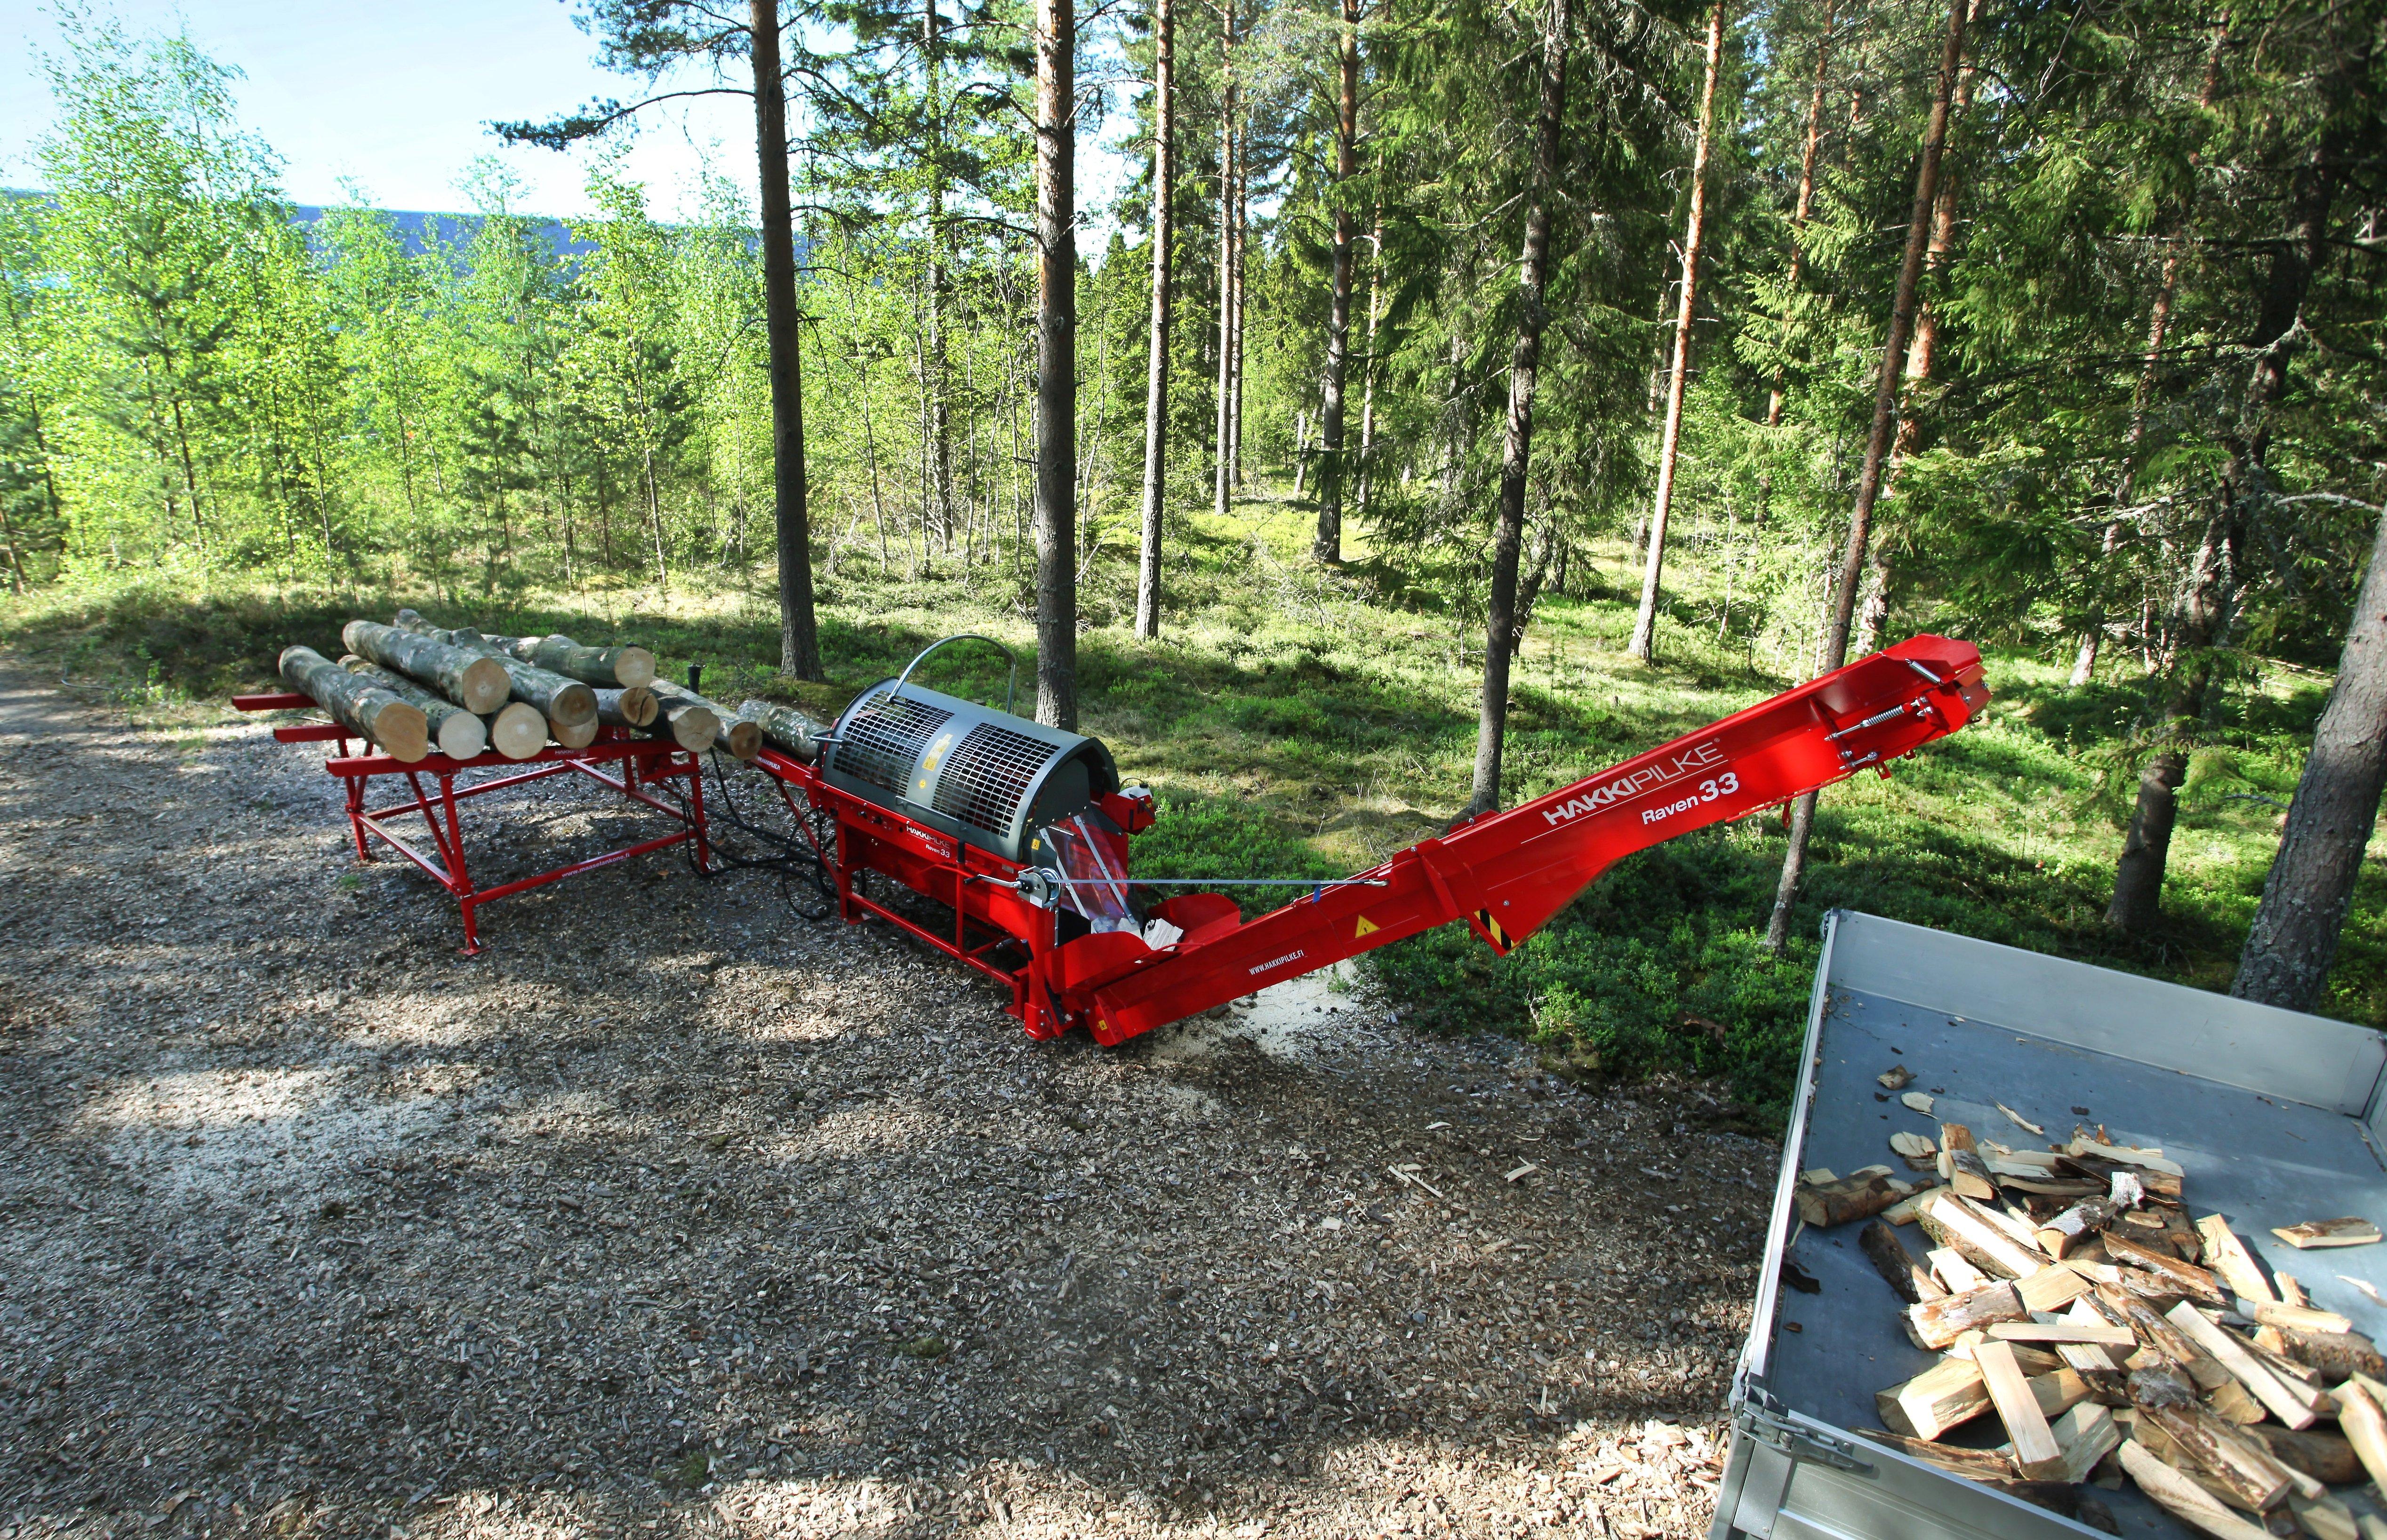 Hakki Pilke Raven 33 valmiina käyttöön metsän laidalla.